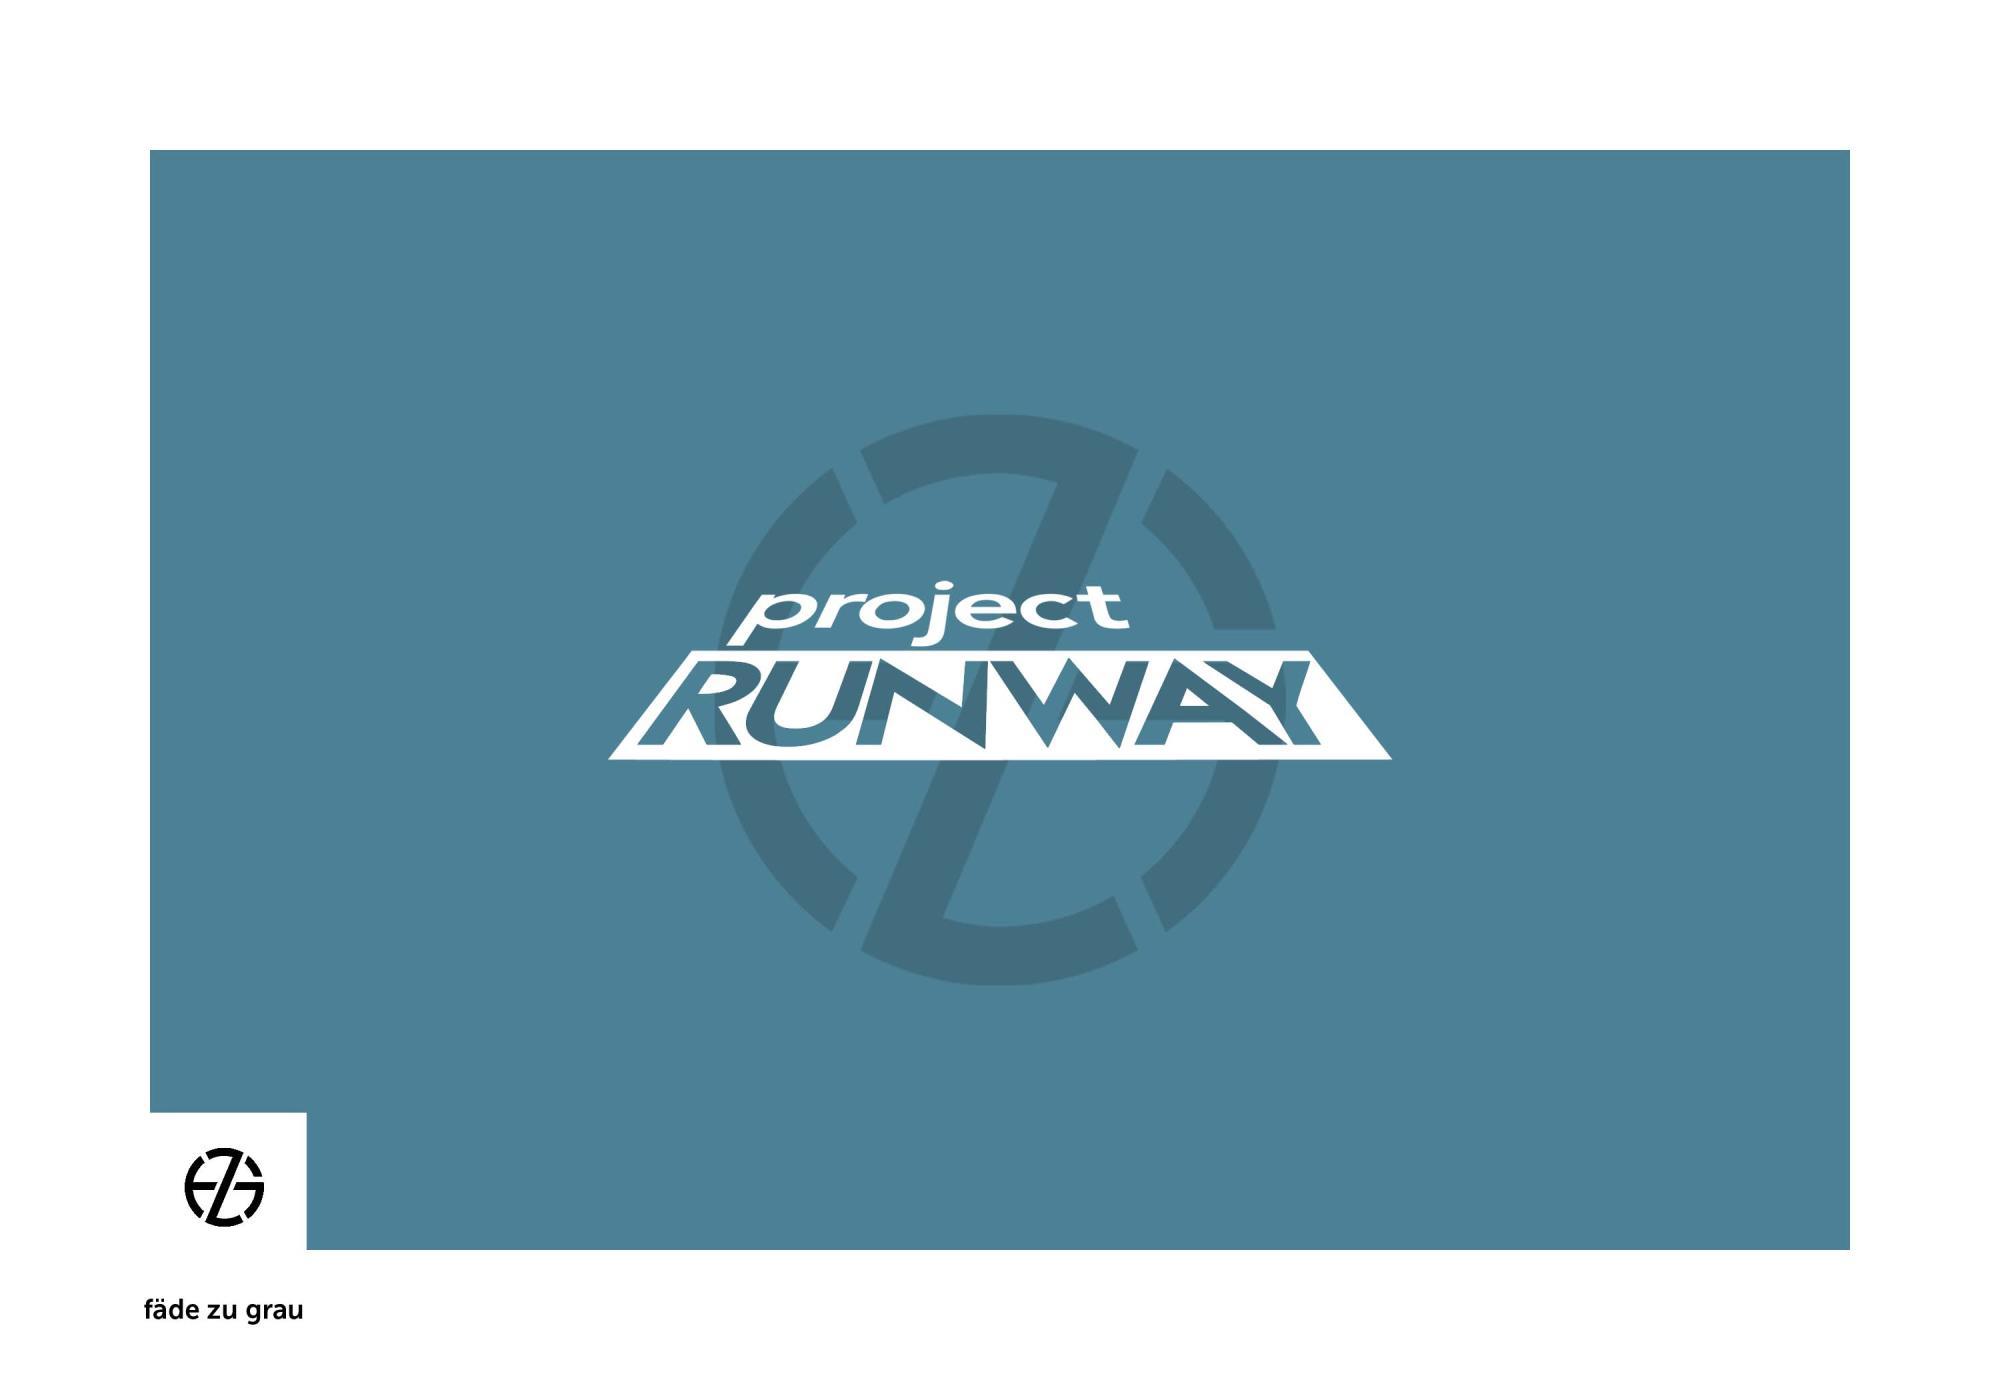 fäde zu grau | logo 'project runway'